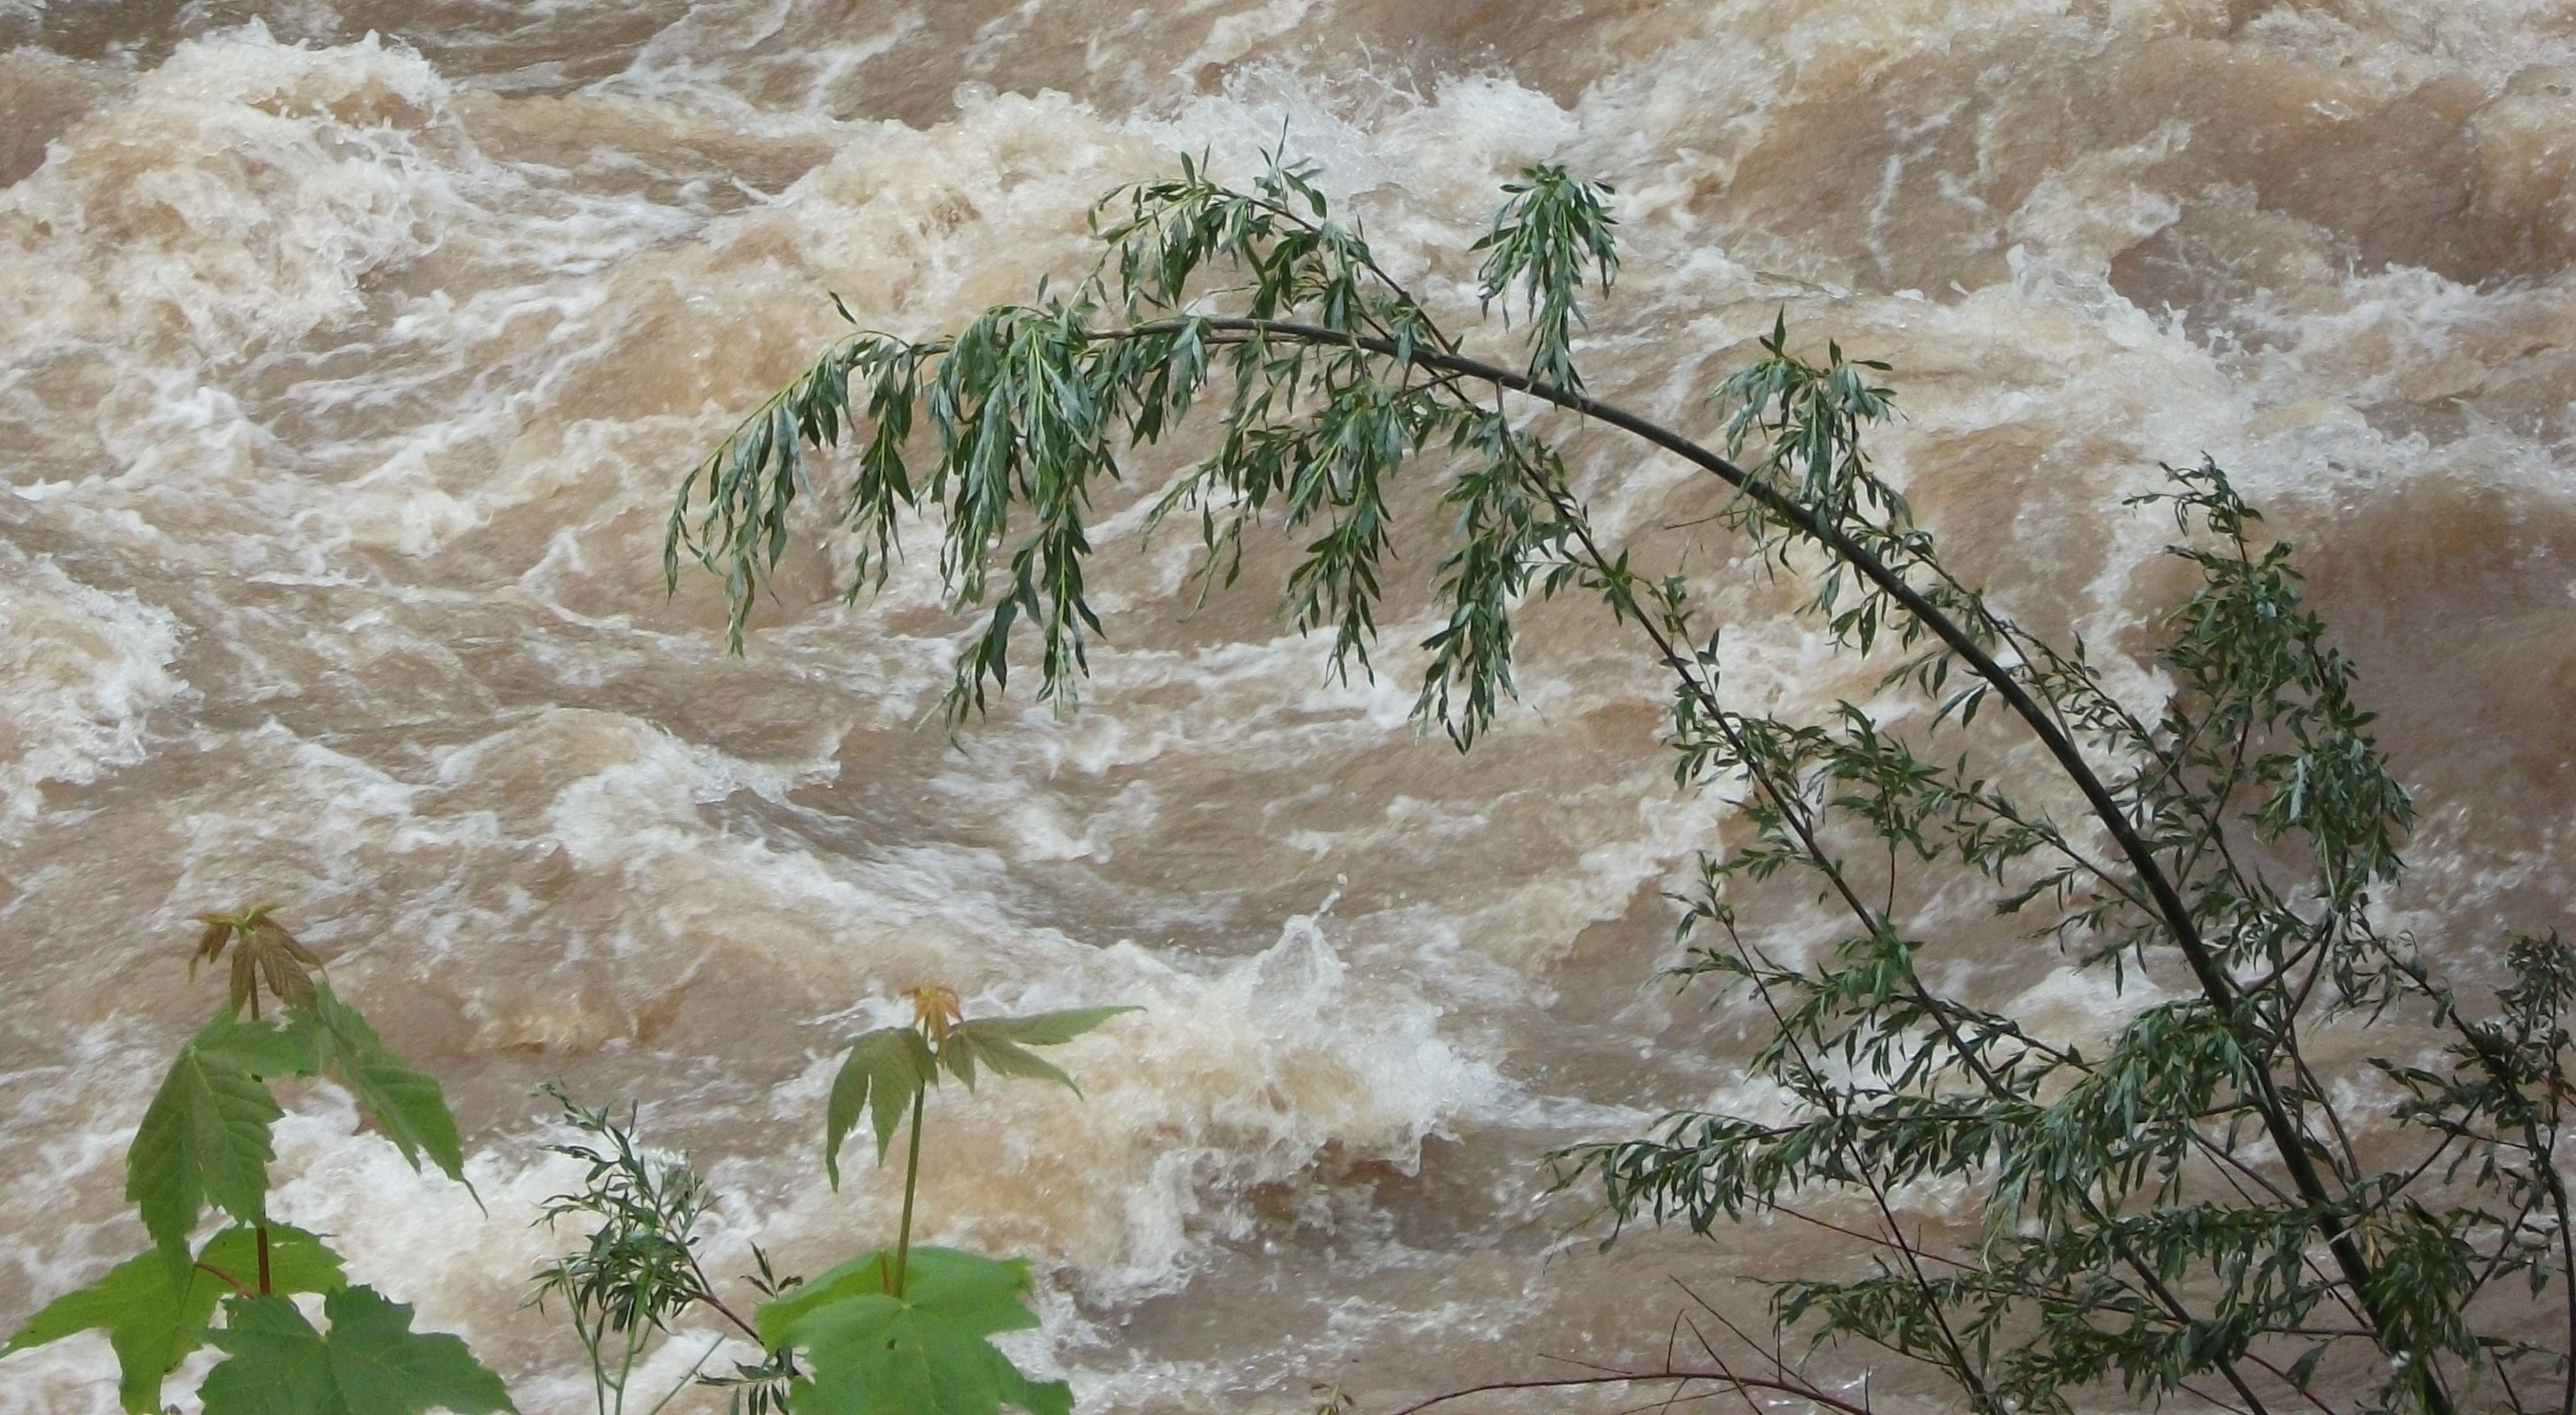 """murr und entchen 2 6 13 002mop - """"Lebendiges Wasser"""" - nicht nur für uns selbst"""